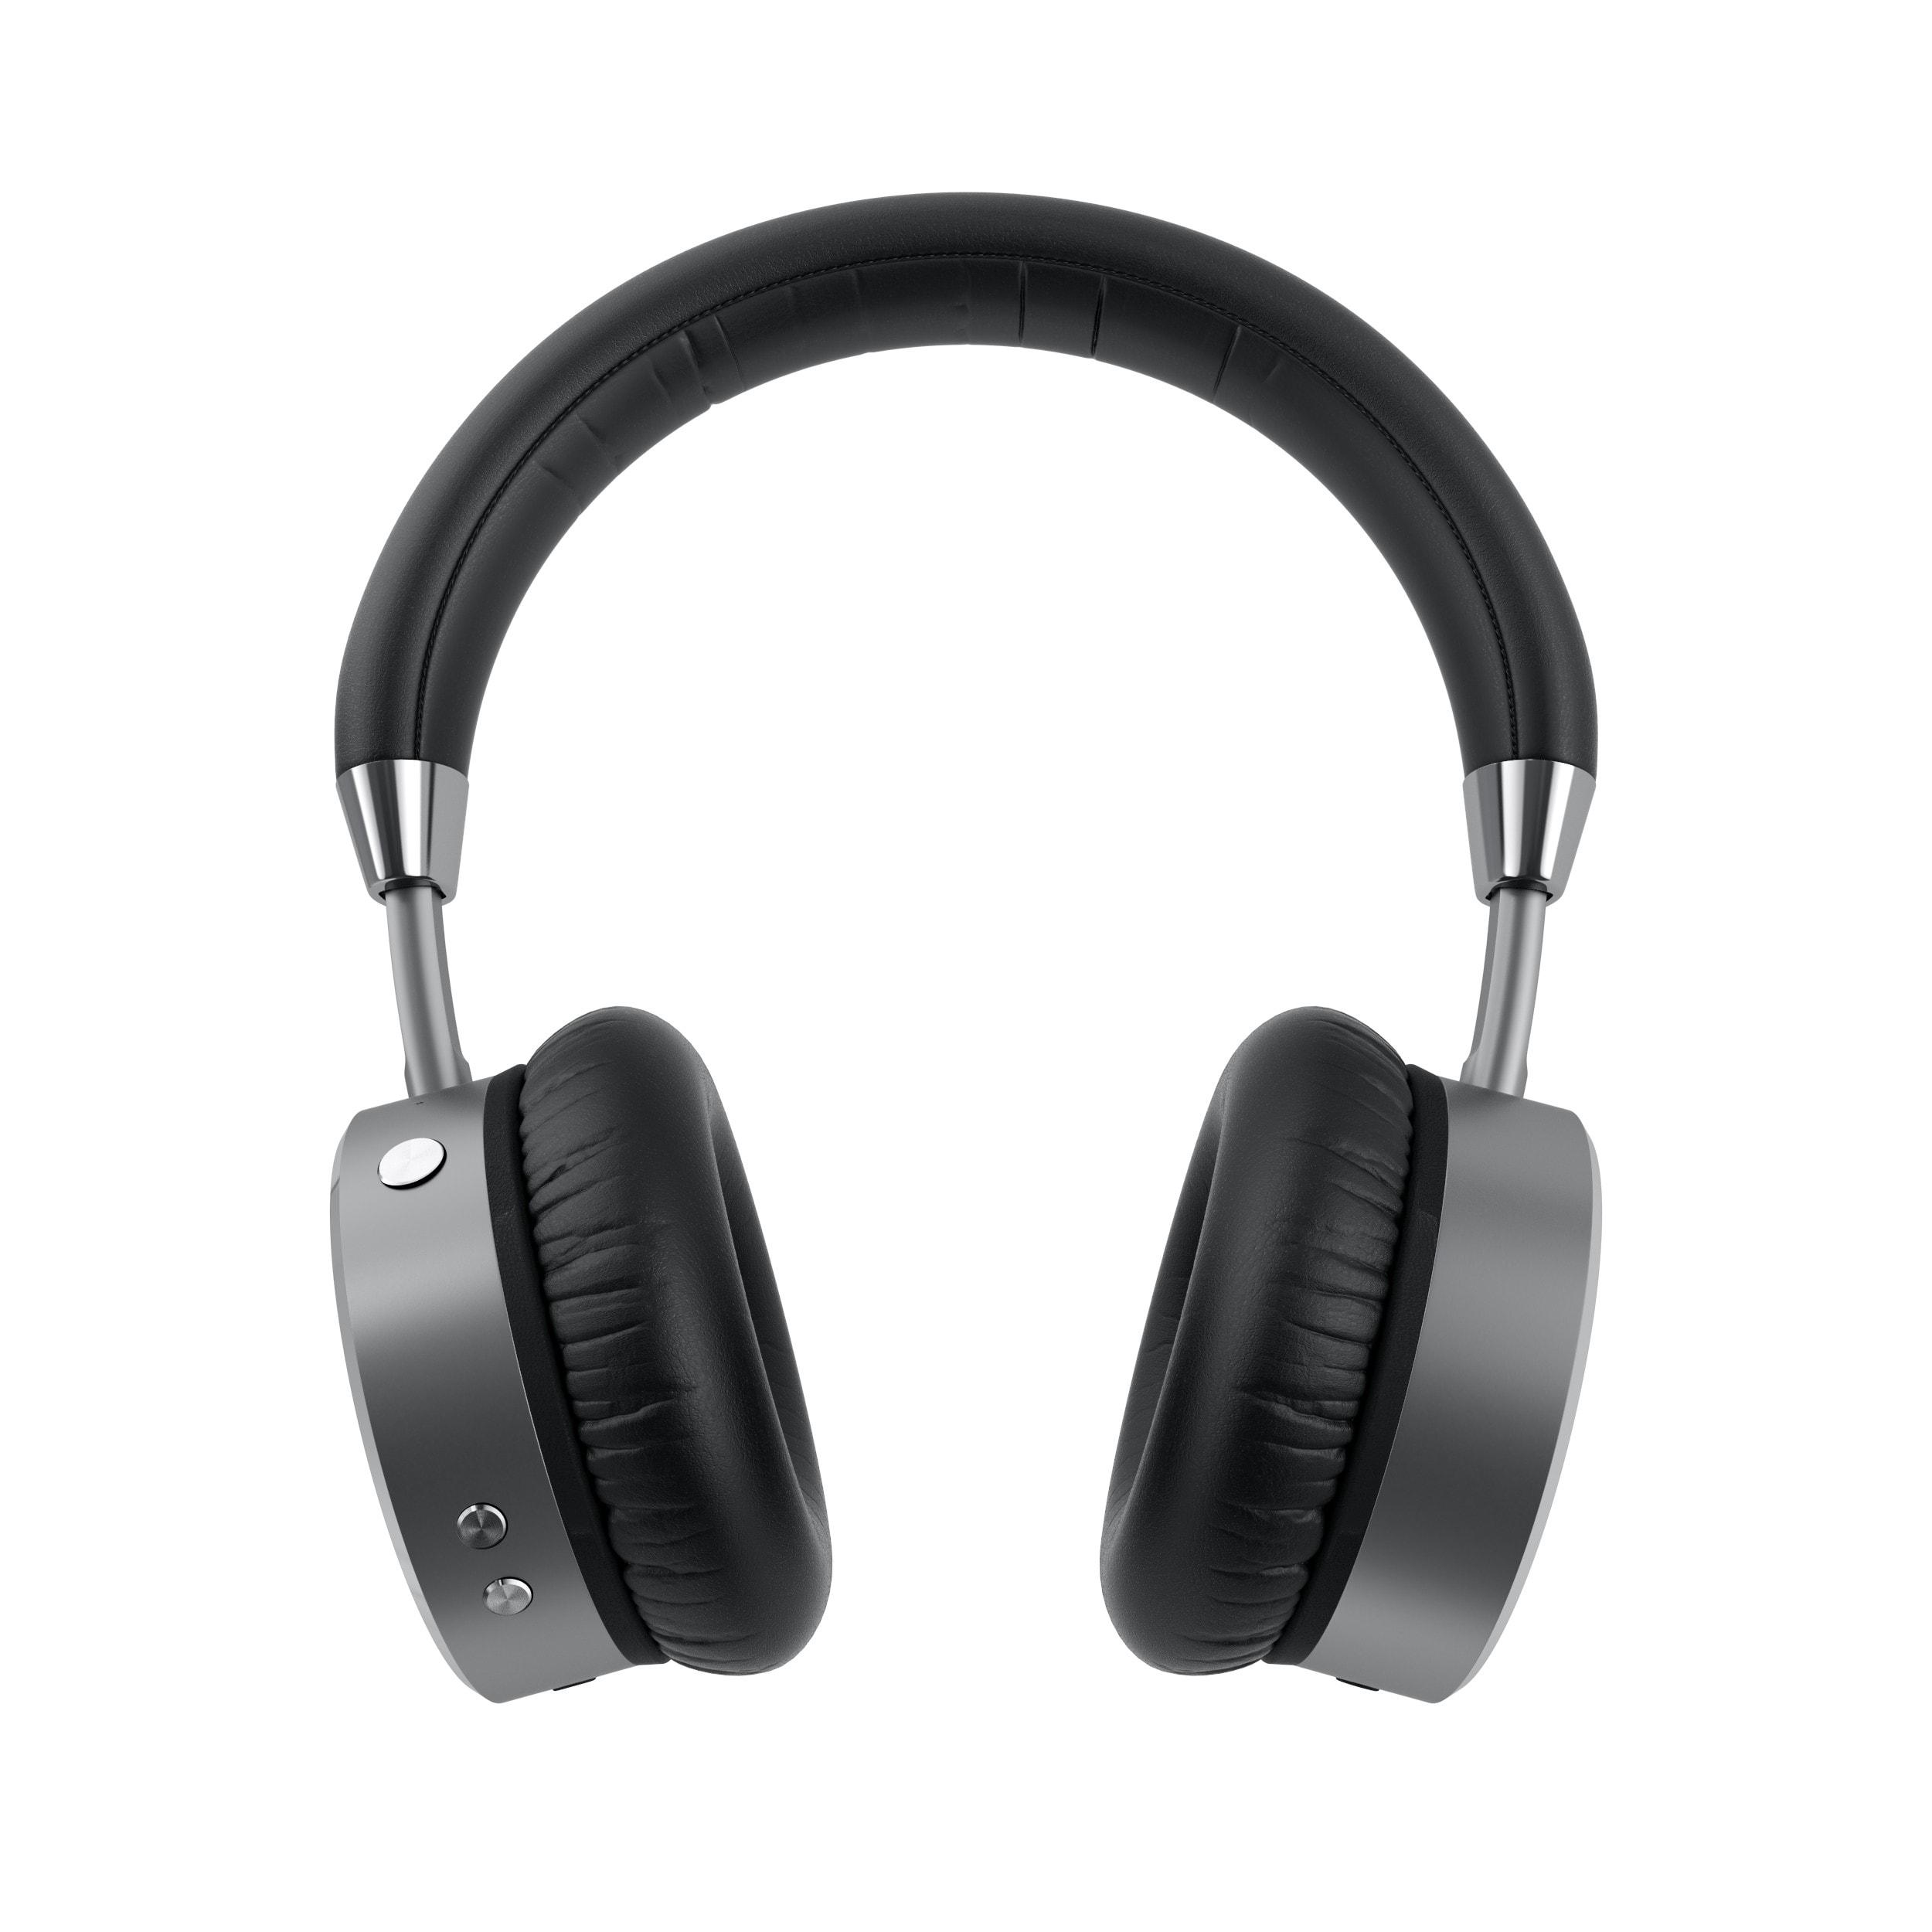 satechi_headphones_gun_3.jpg